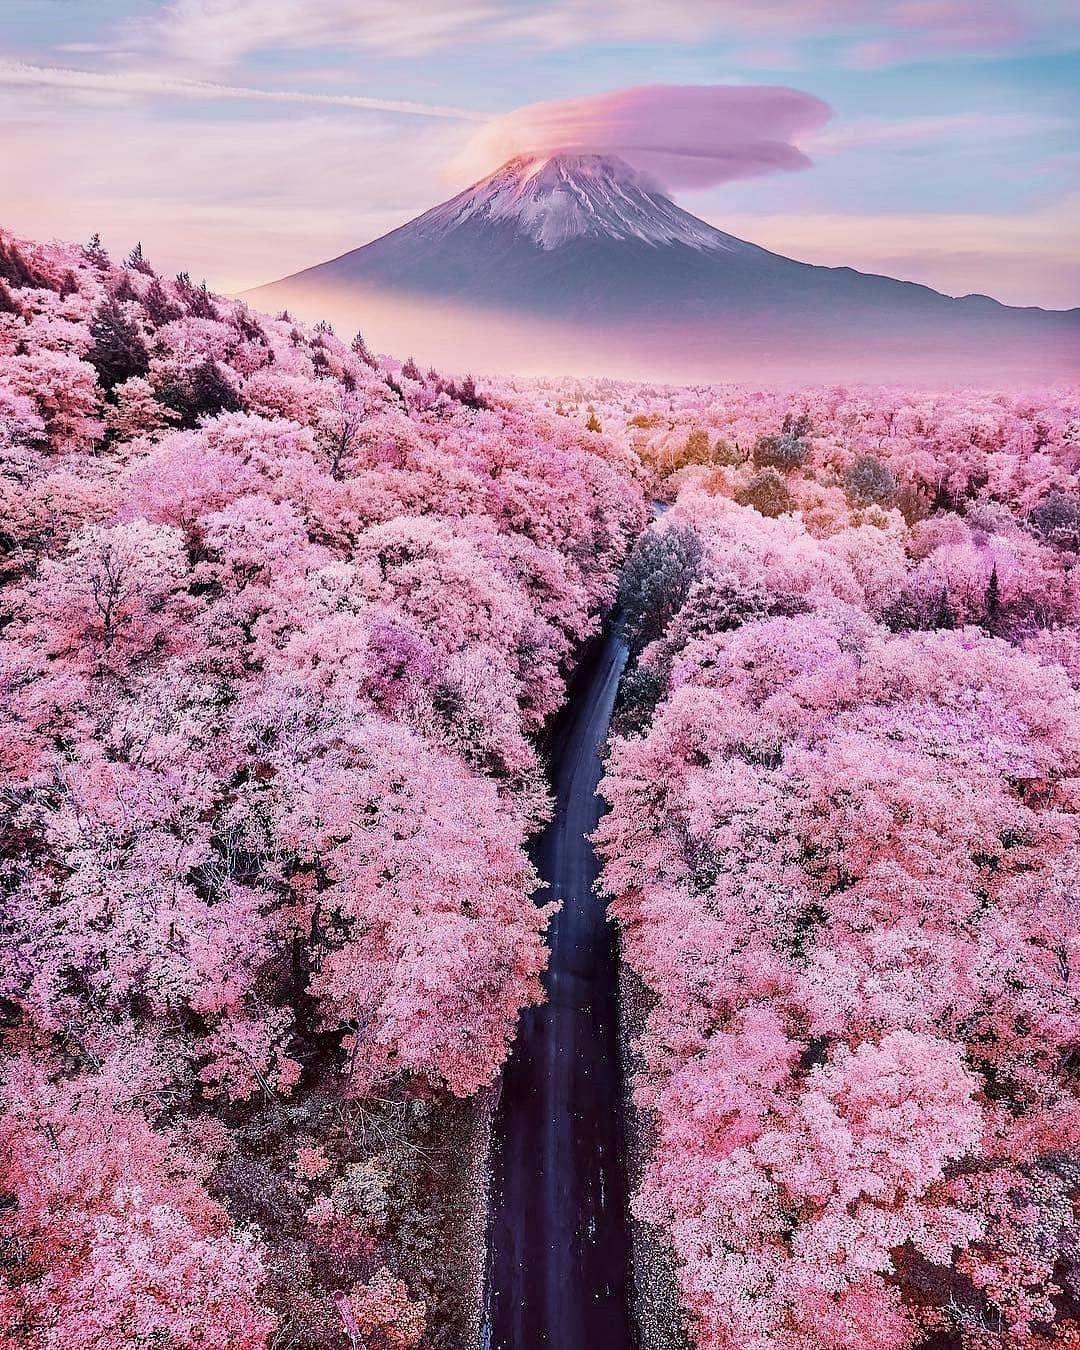 """We Love Travelers on Instagram: """"Cherry blossoms in Japan from @hobopeeba / @taihei_tsukada / @daisukephotography / @dera_e_mon #naturen #vacationdays #vacationplanning…"""""""